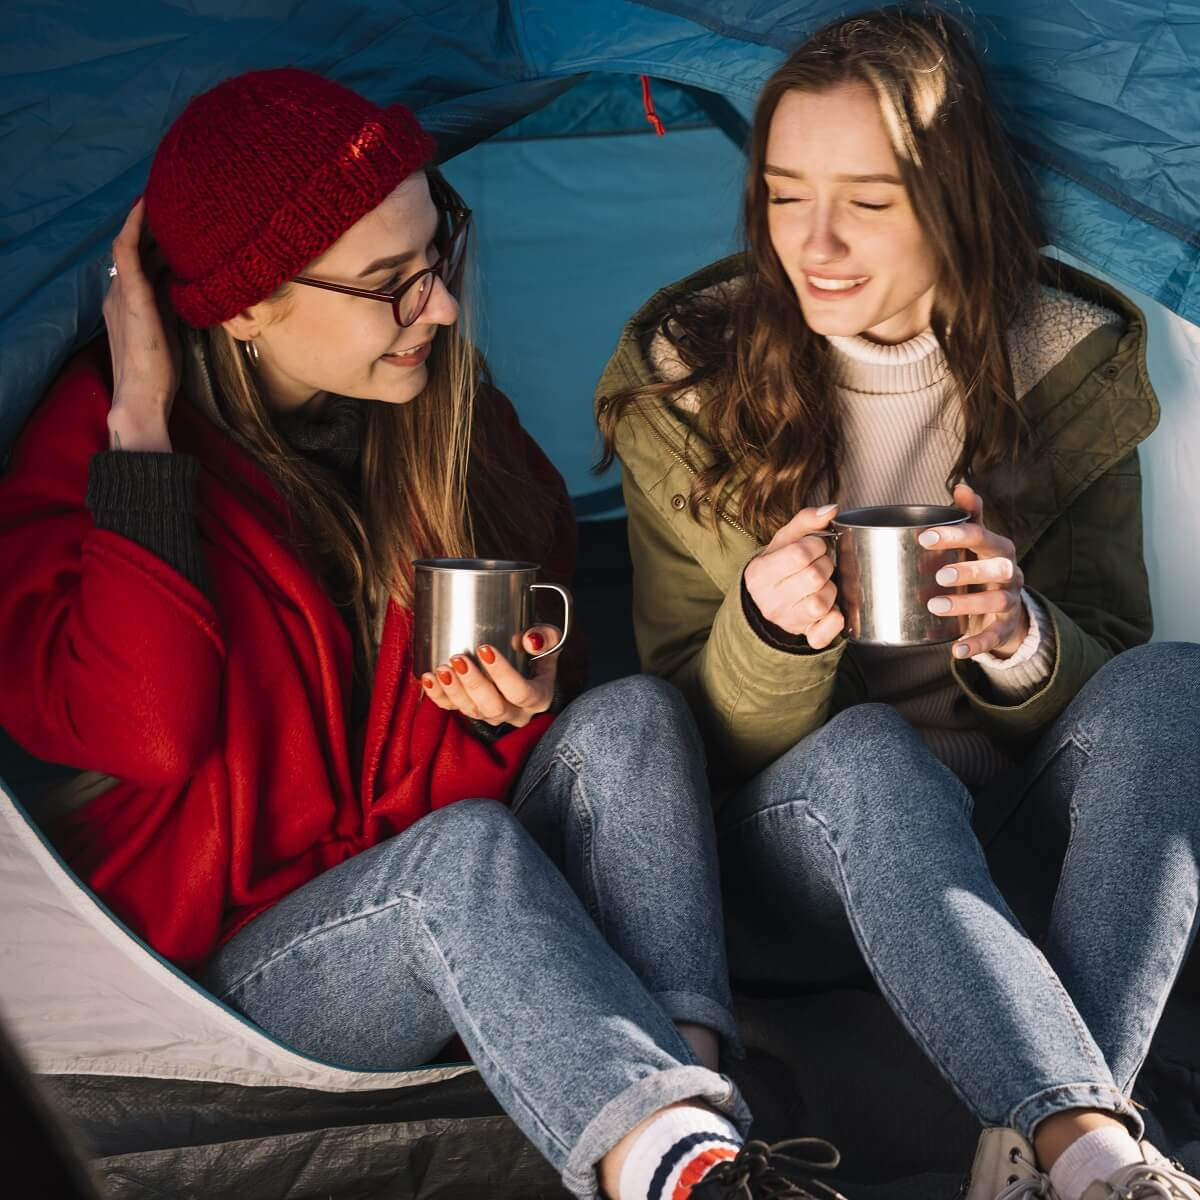 キャンプをする女性2人の写真。